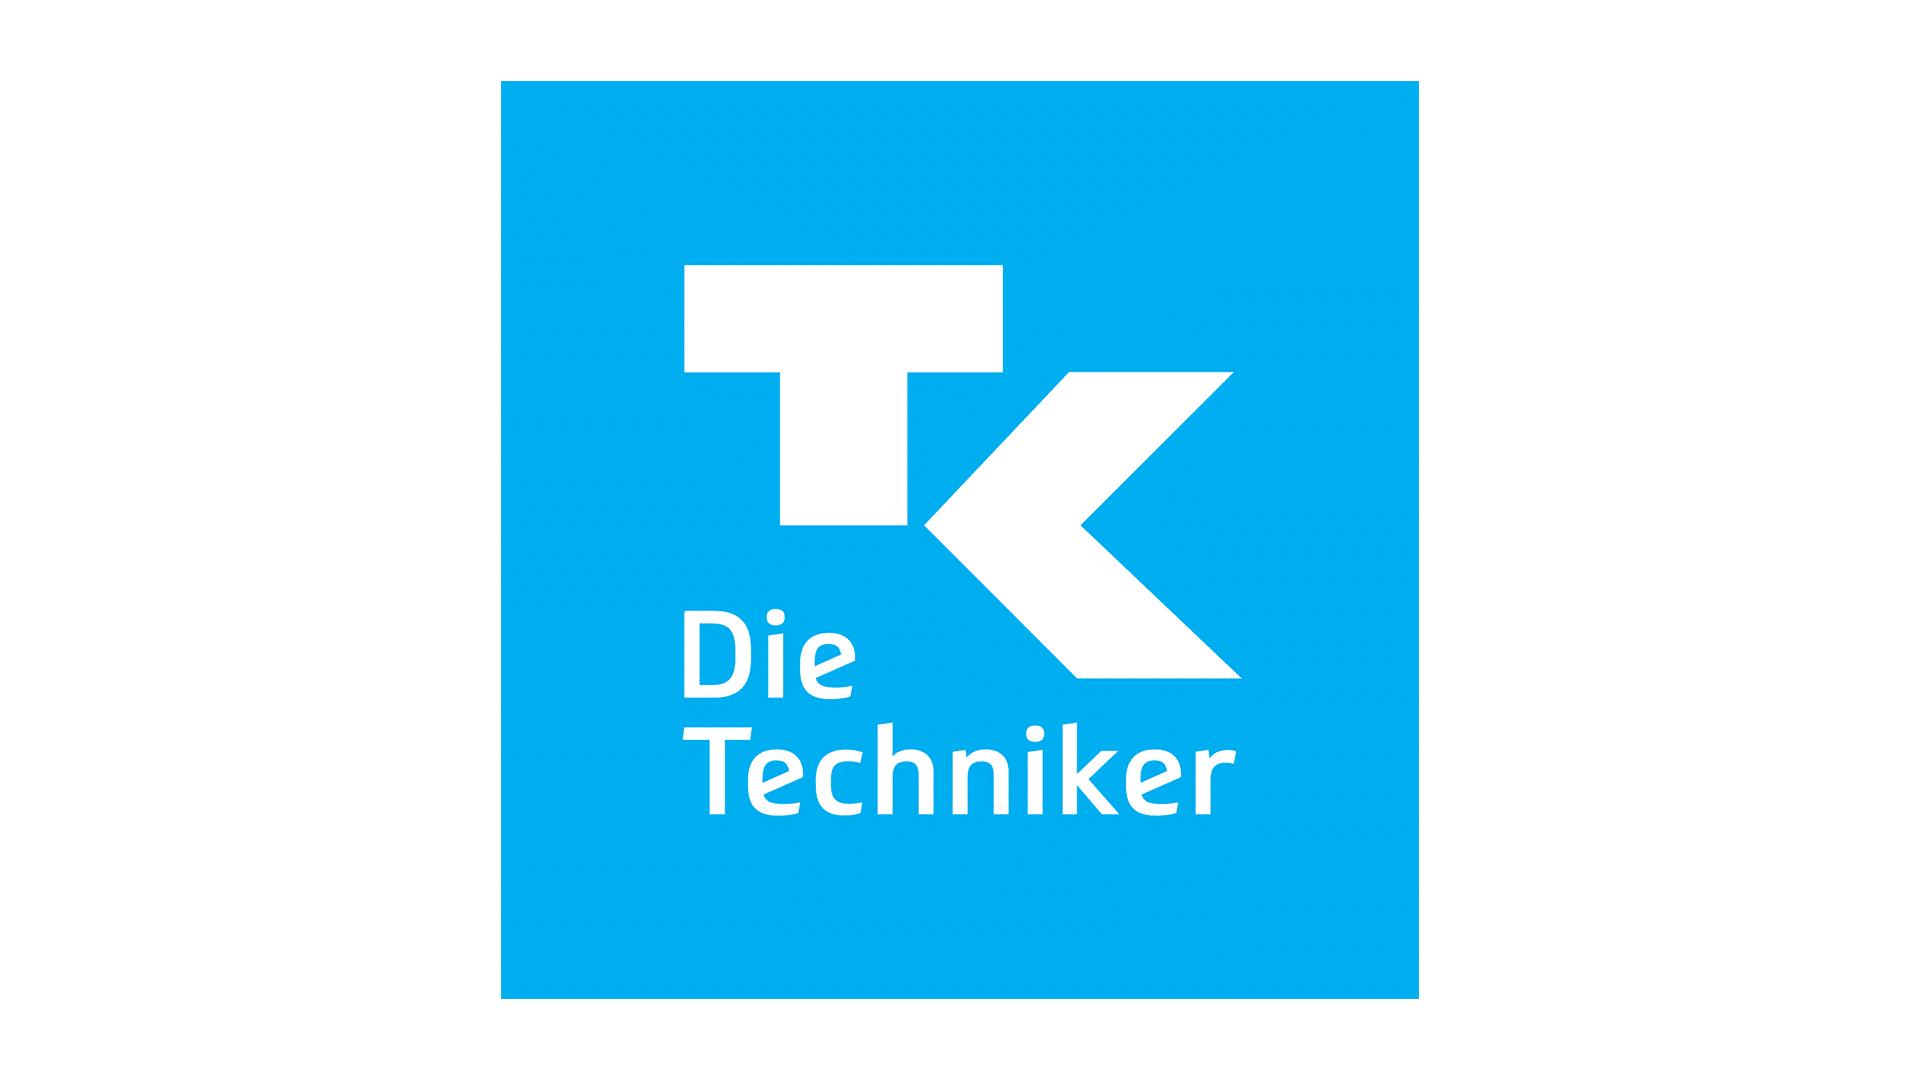 Das Logo der Techniker Krankenkasse.